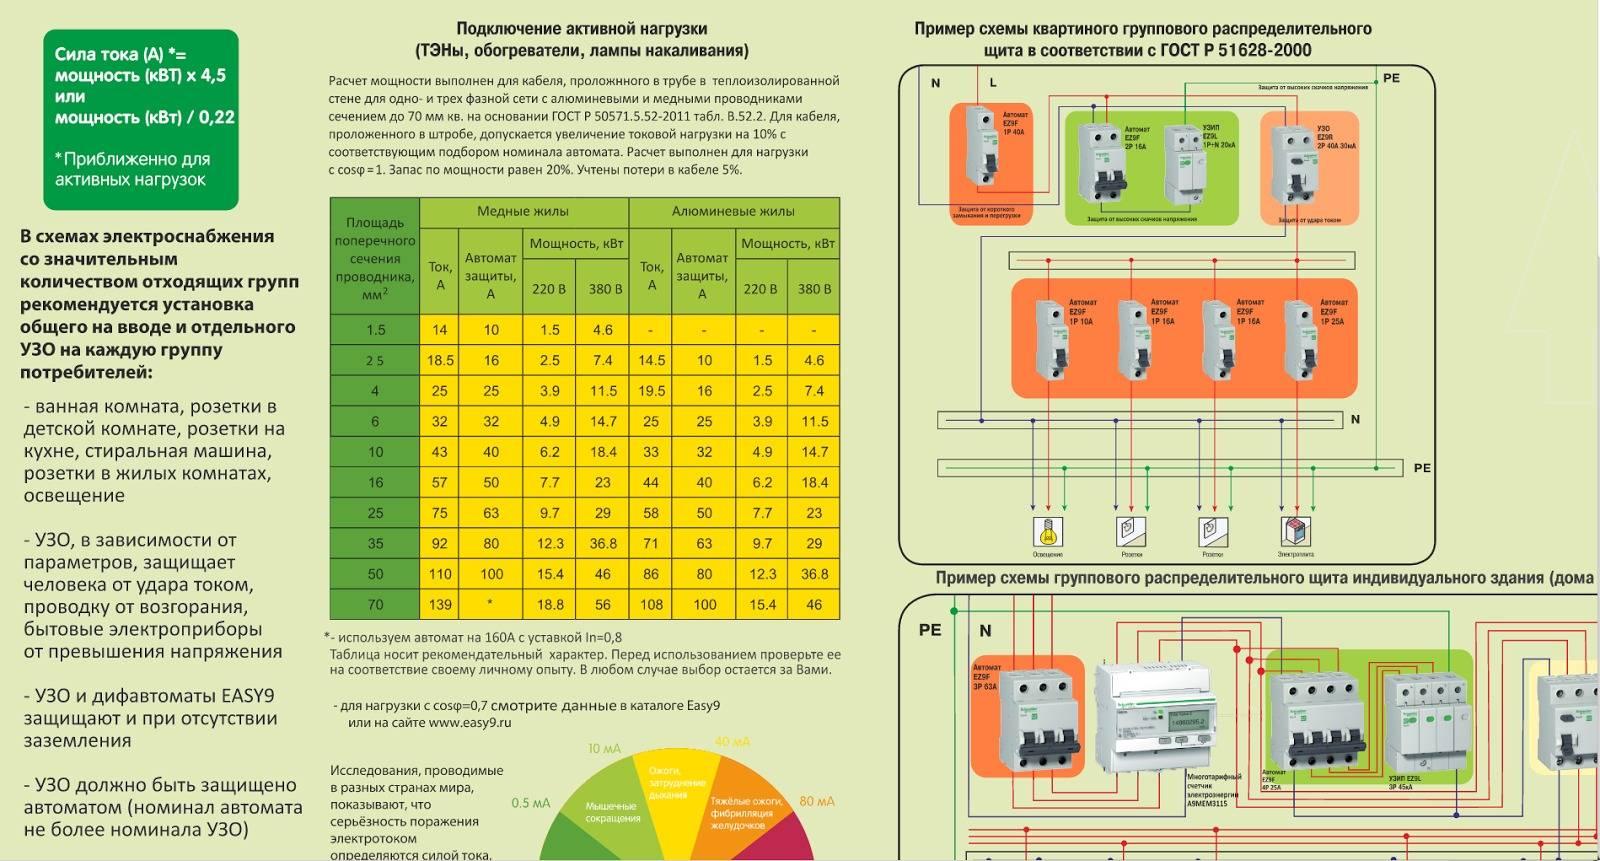 Как правильно провести выбор автомата по мощности нагрузки